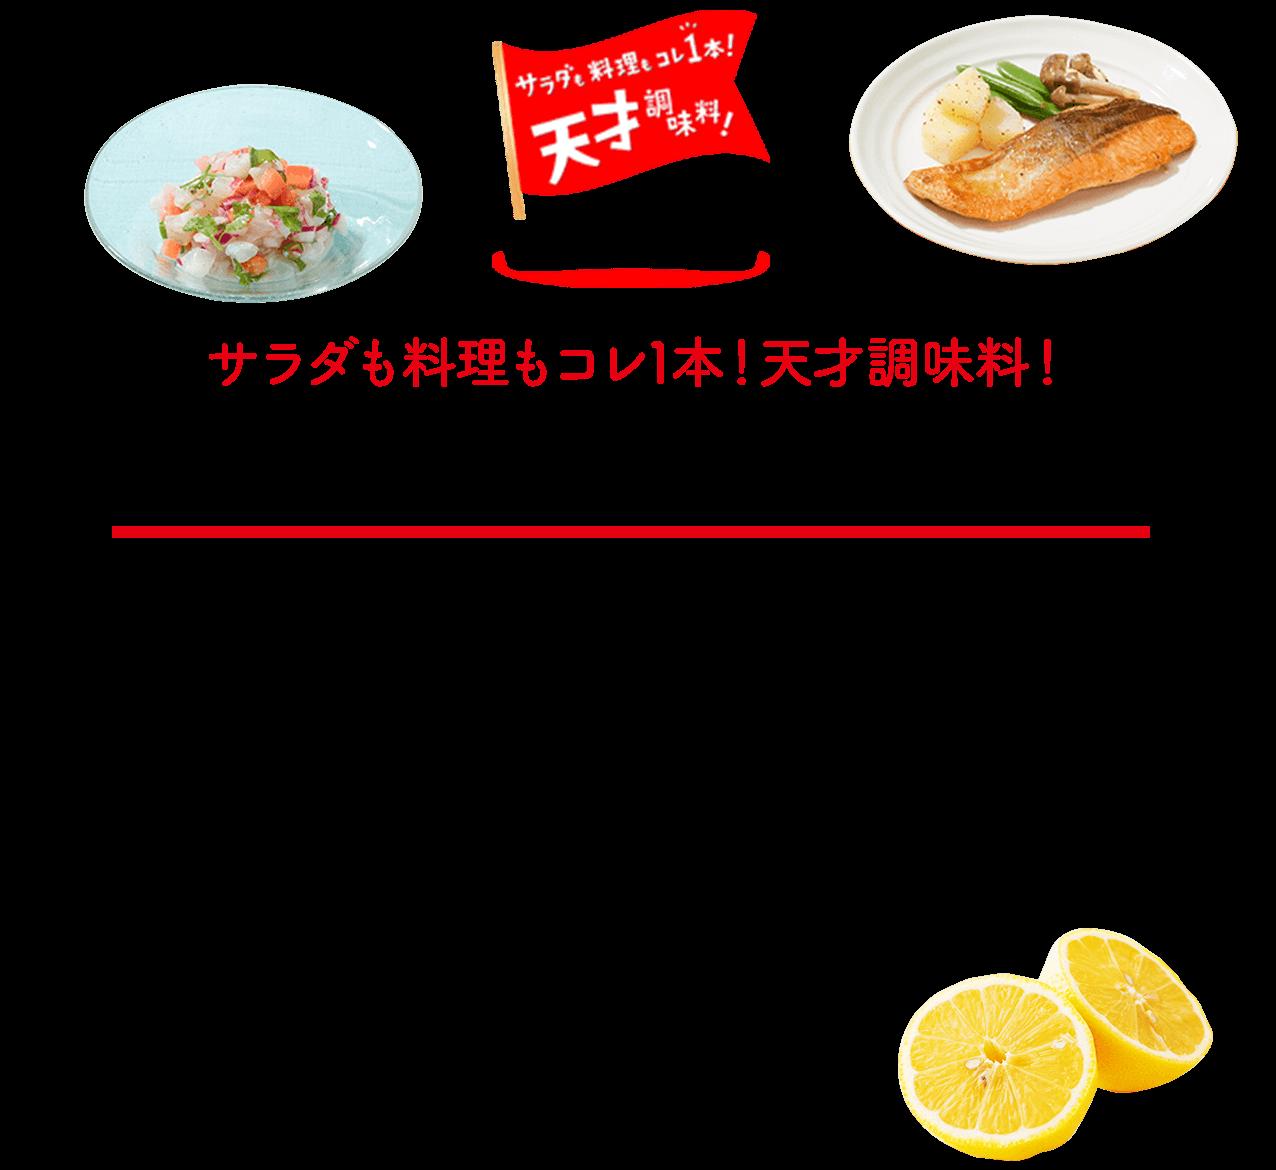 """リケンのノンオイル天才調味料 サラダも料理もコレ1本!天才調味料!サラダだけじゃもったいない!""""リケンのノンオイル""""は、サラダにかけるだけでなく、               いろんな料理に使えることを知っていますか?           いつもの調味料のかわりに使うだけで、料理が速く、簡単に。               そしてなにより、おいしくなる。               だから、天才調味料なのです。"""